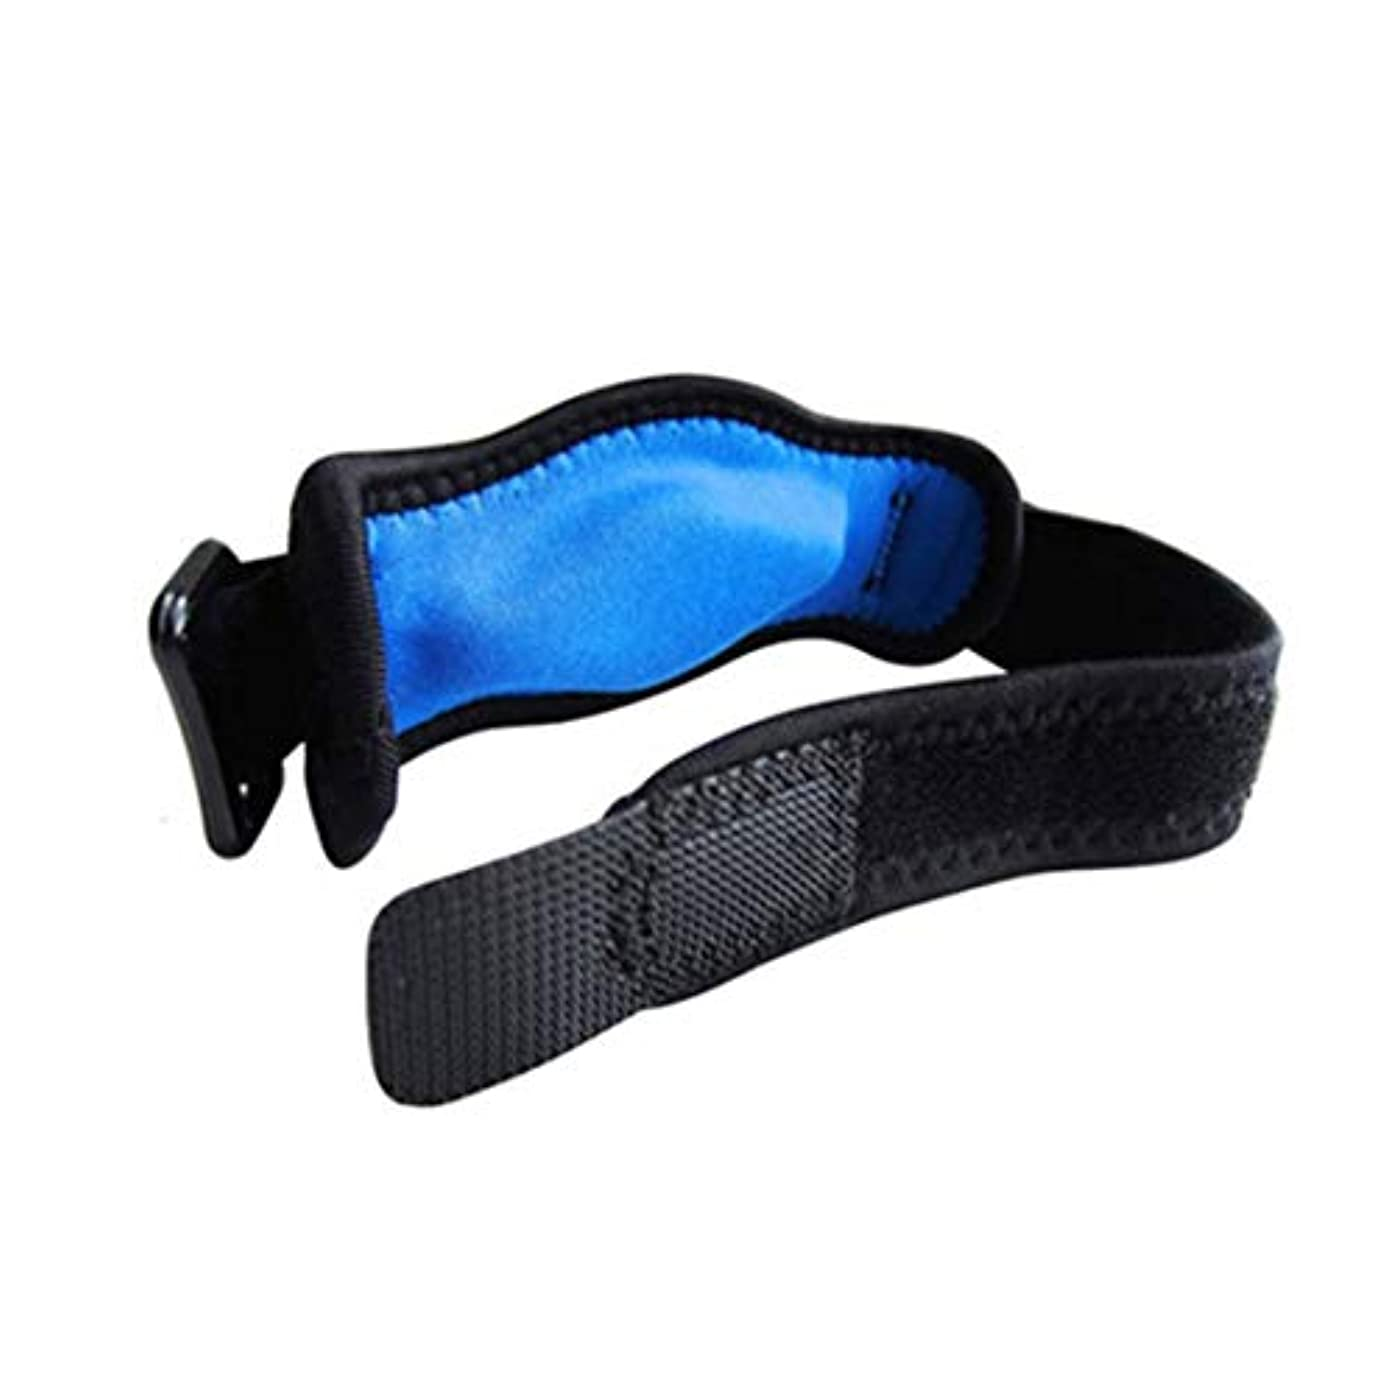 出します送金亡命調節可能なテニス肘サポートストラップブレースゴルフ前腕痛み緩和 - 黒